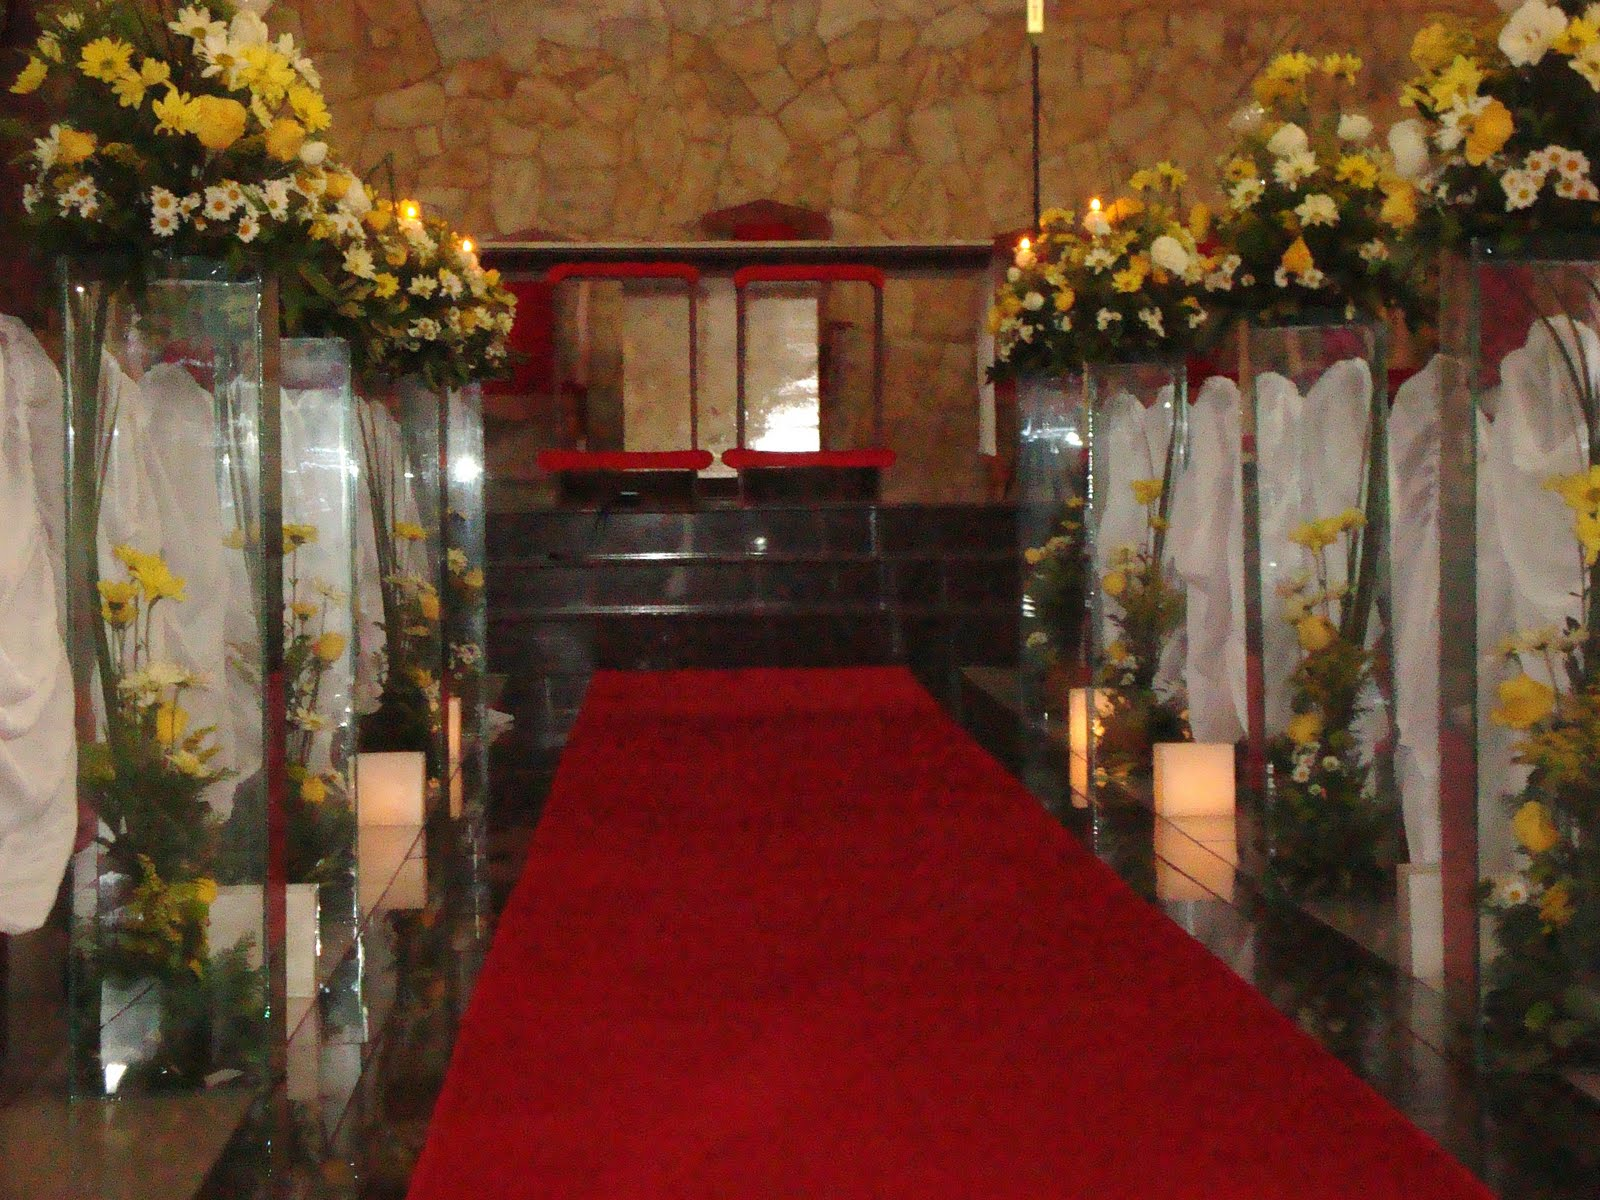 decoracao de igreja para casamento azul e amarelo : decoracao de igreja para casamento azul e amarelo:decoração de igreja decoração de igreja